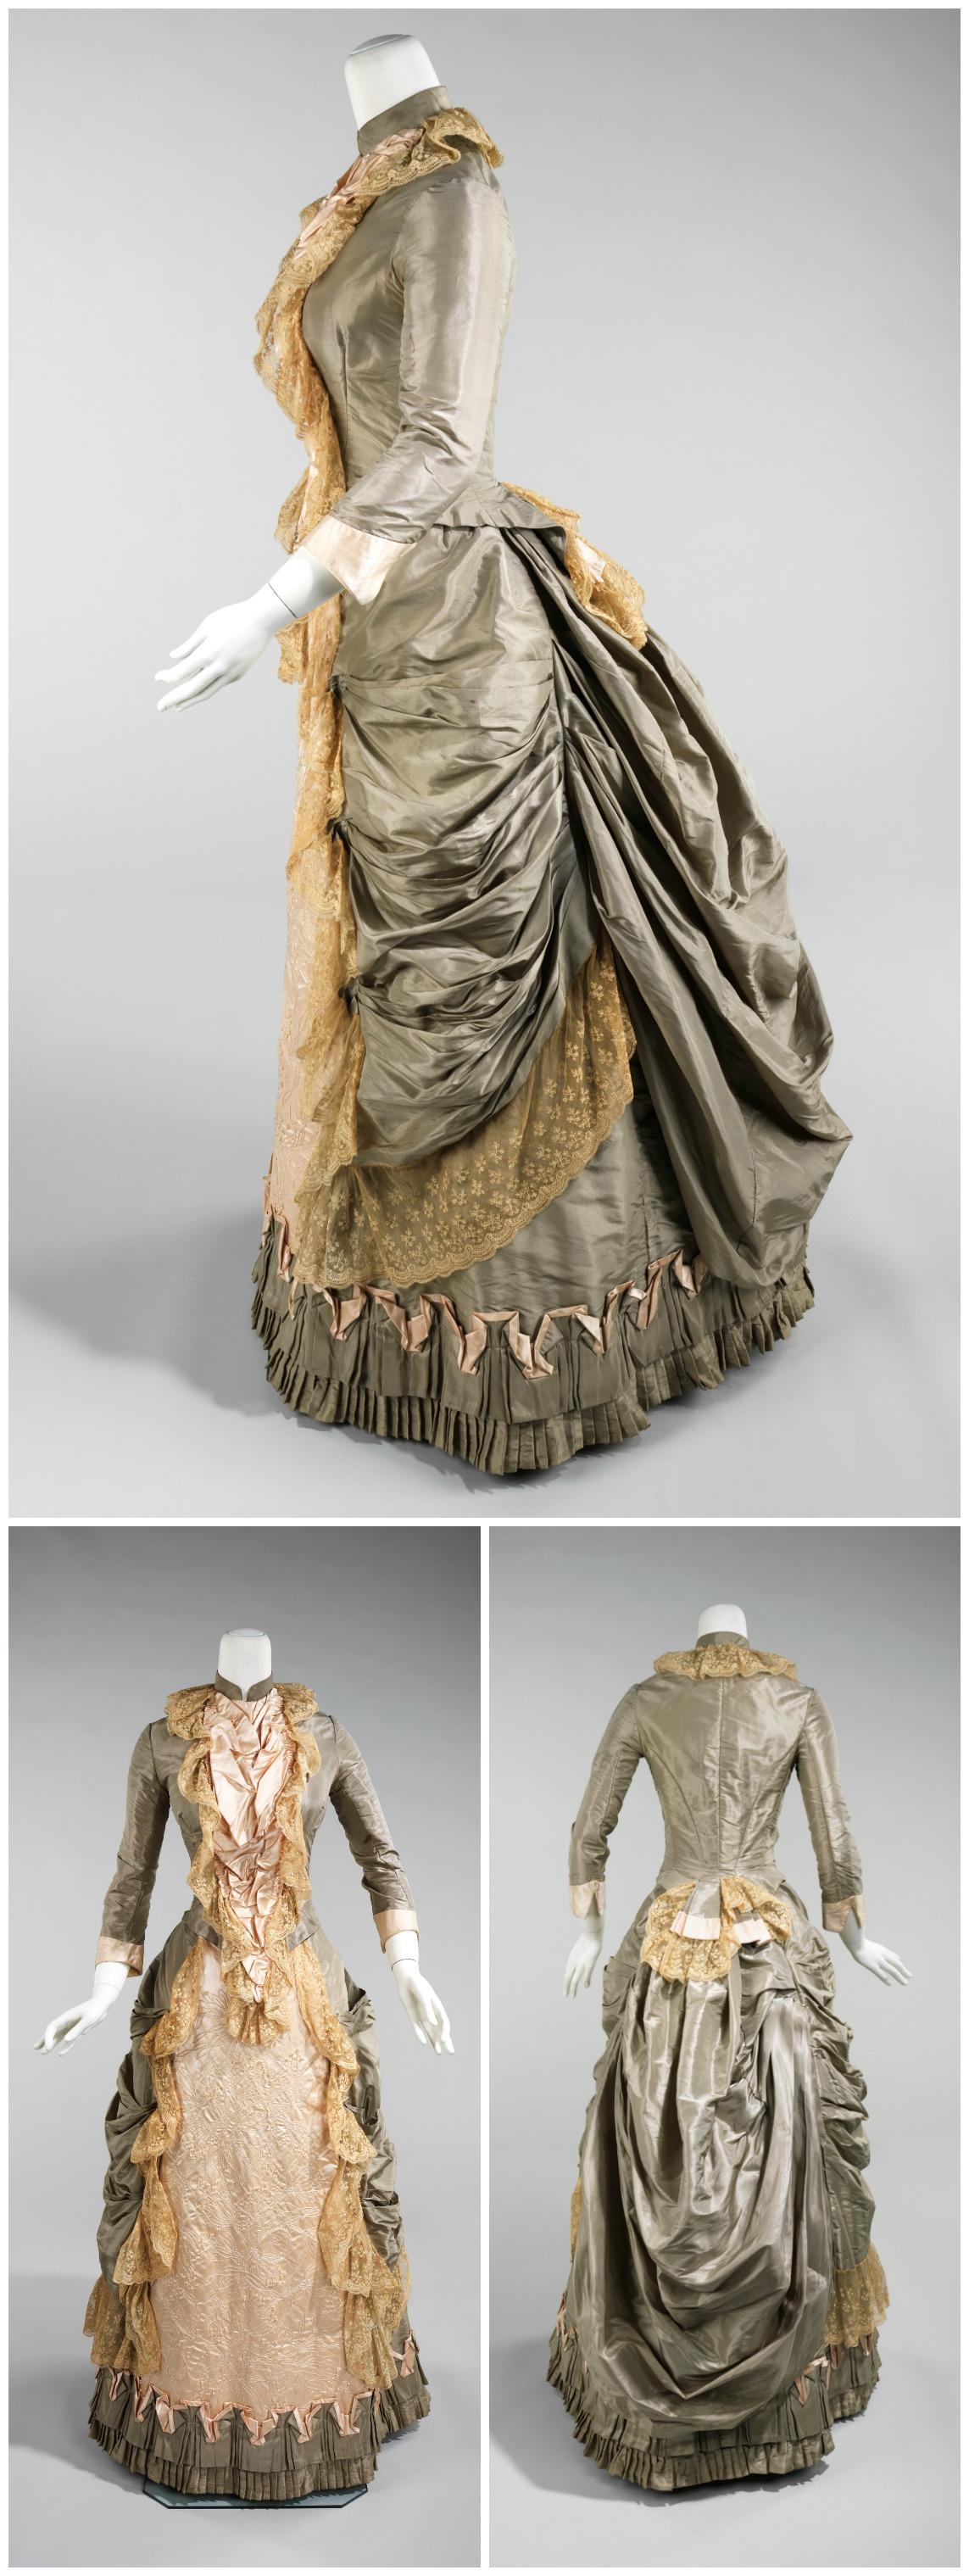 1880. American. Silk. metmuseum.org